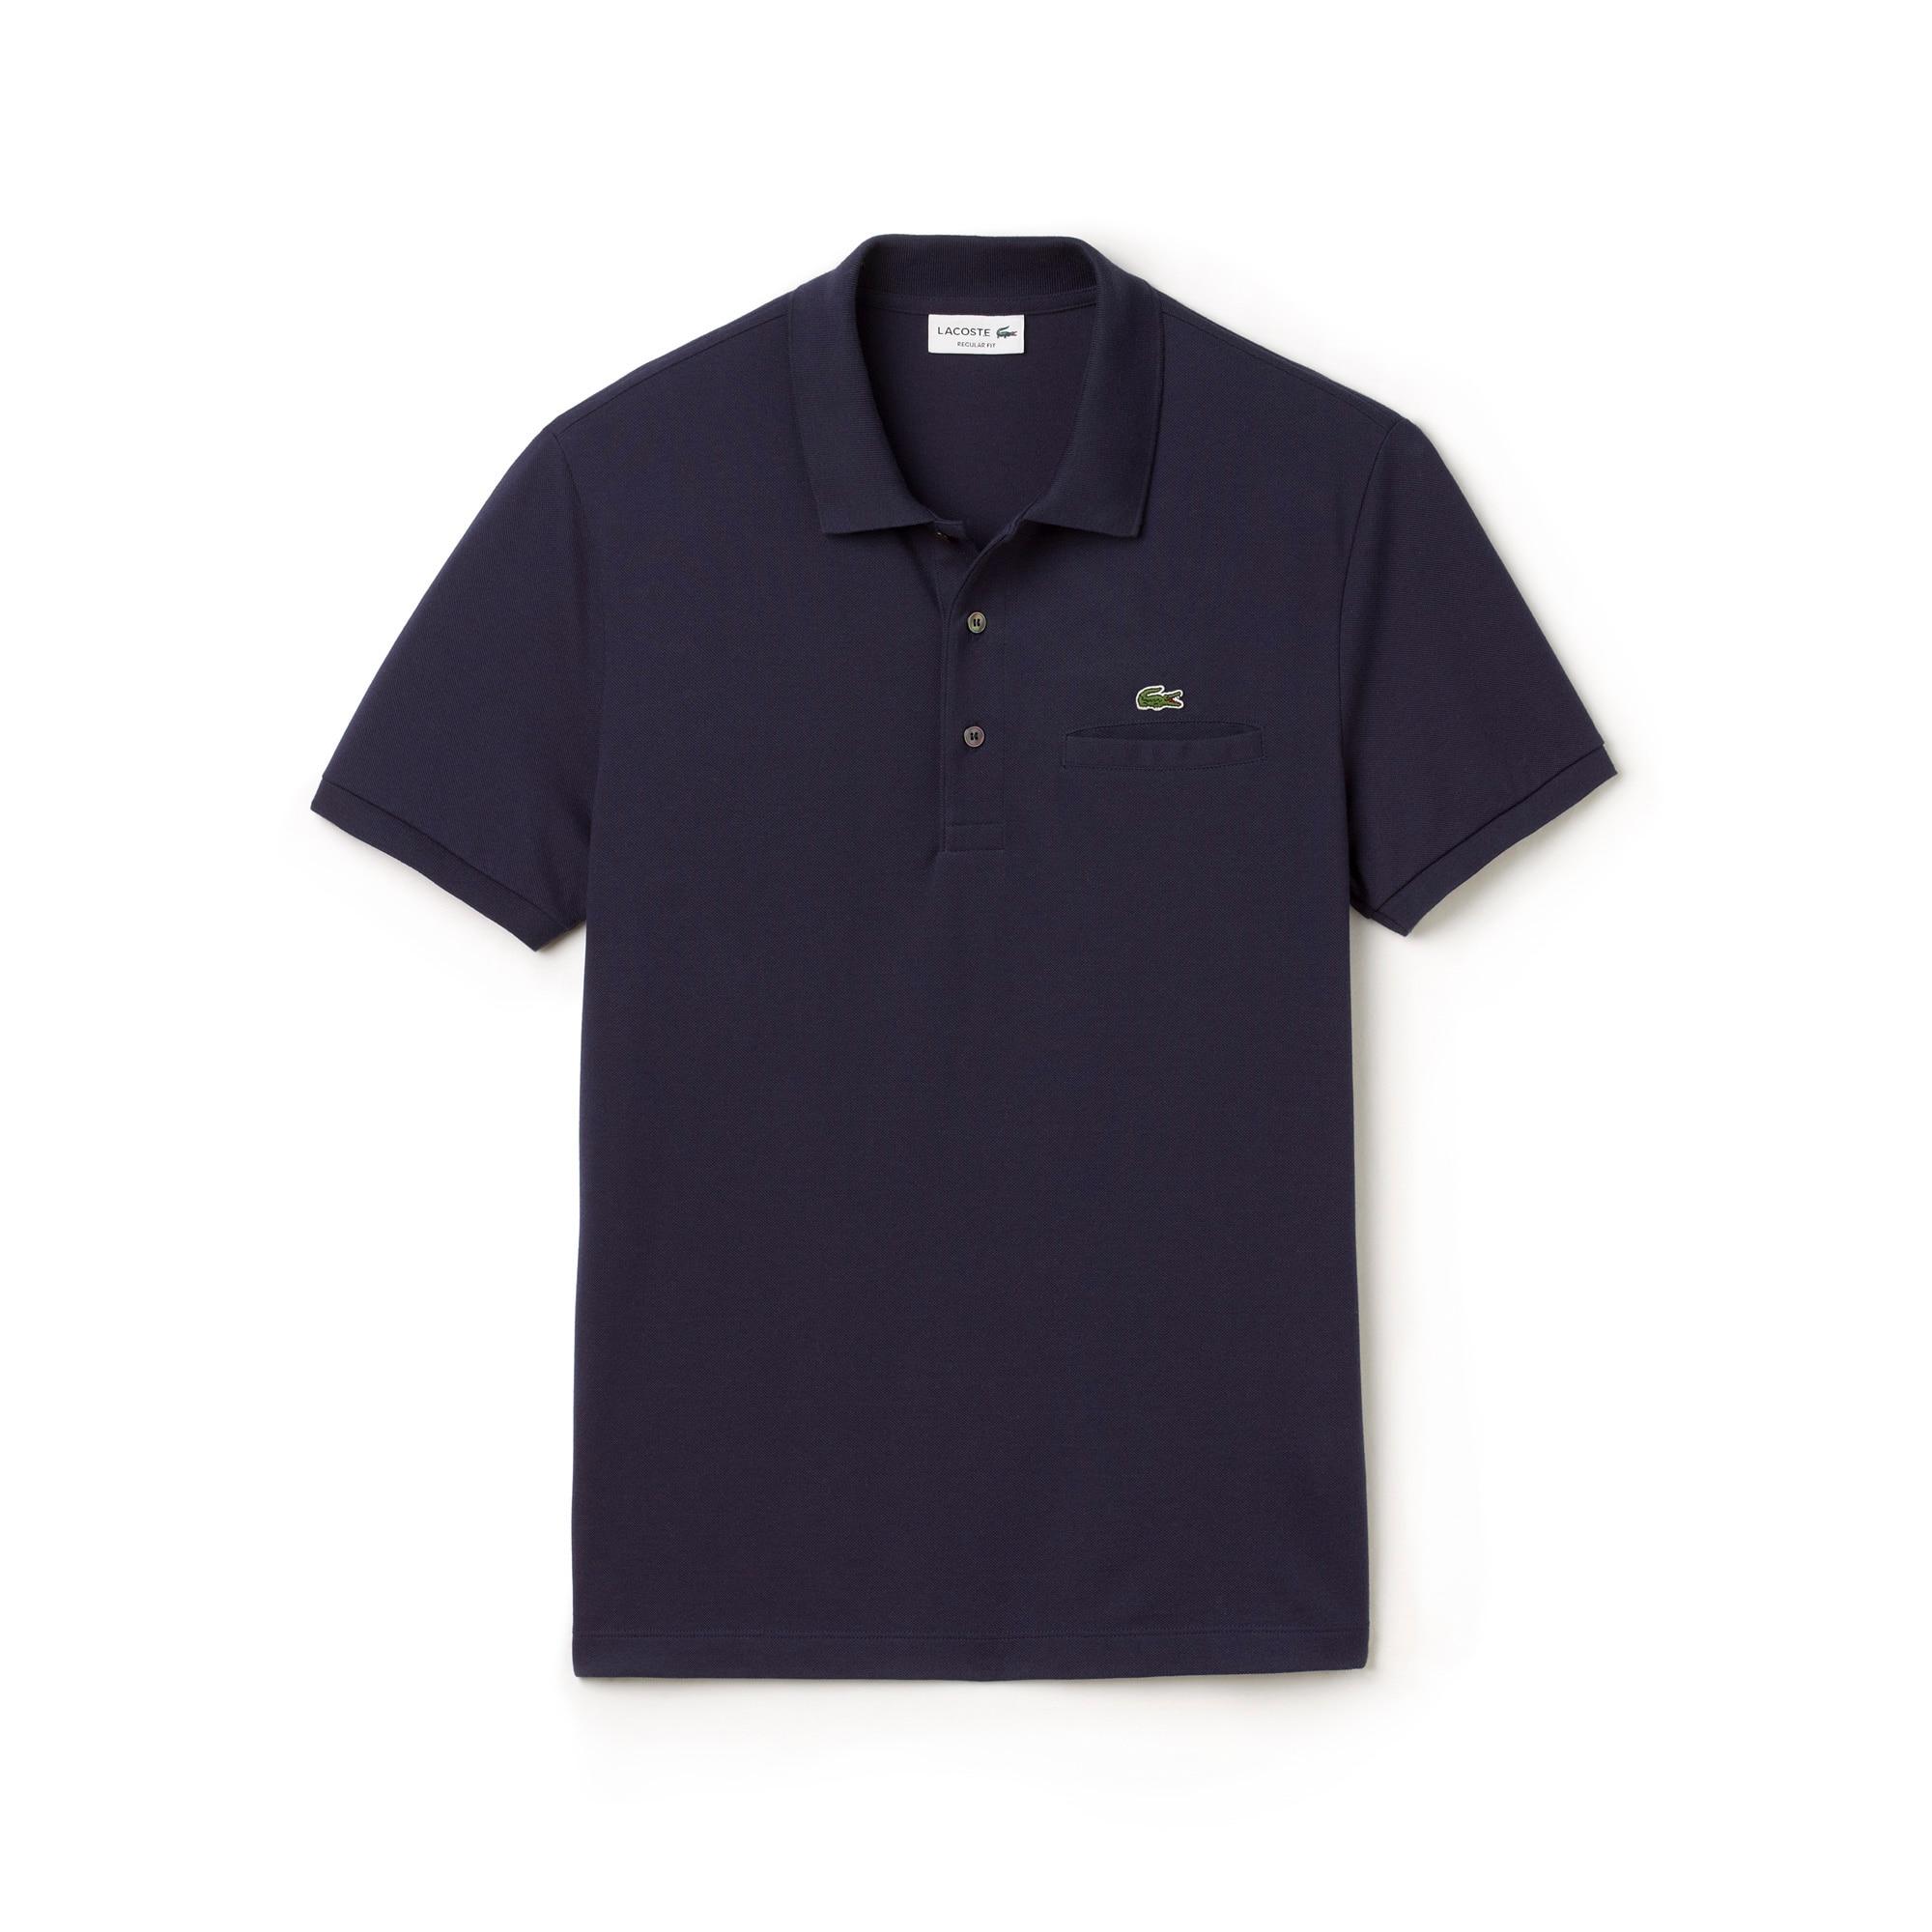 라코스테 Lacoste Mens Regular Fit Polo,navy blue